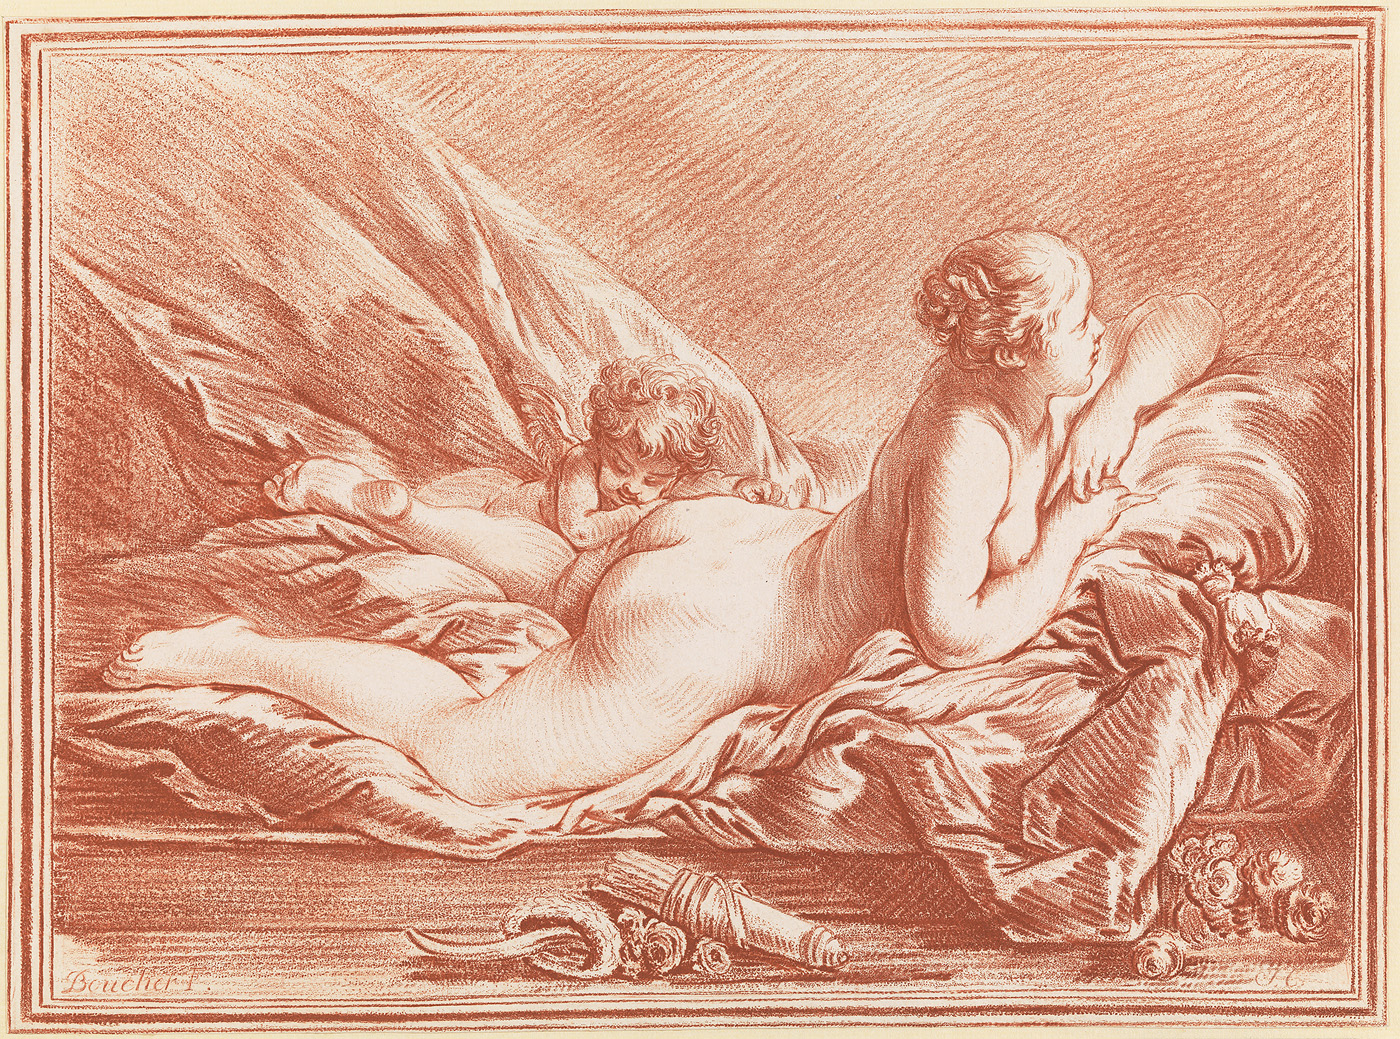 Op een bed op haar buik liggende naakte vrouw. Gedeeltelijk over haar heen ligt een slapende putto